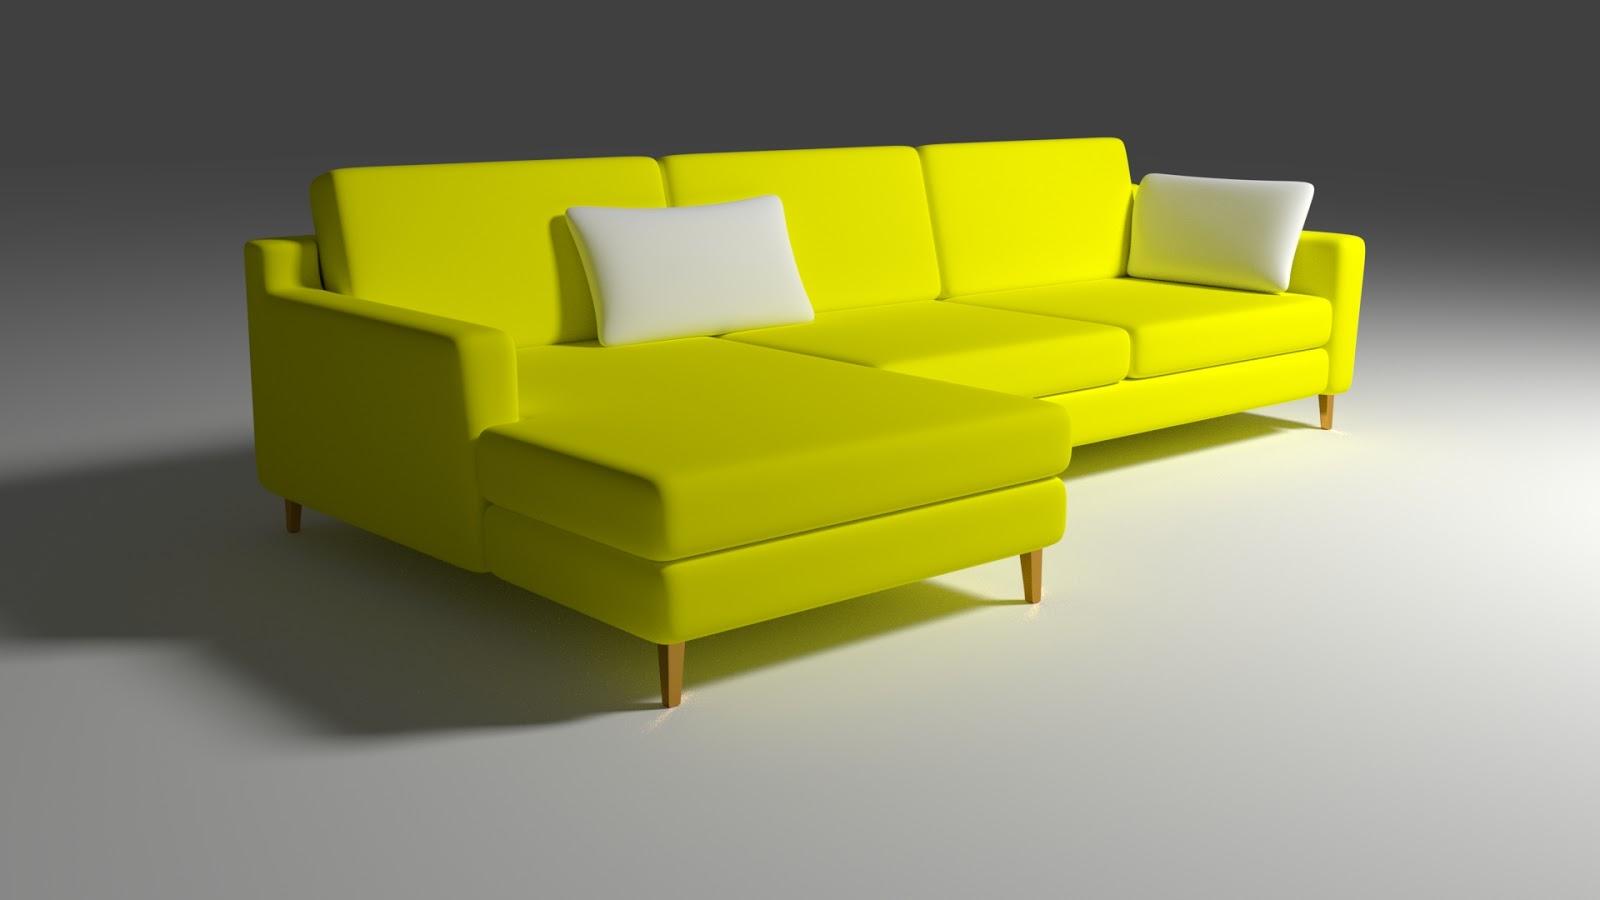 Free 3D Sofa Minimalist .blend file